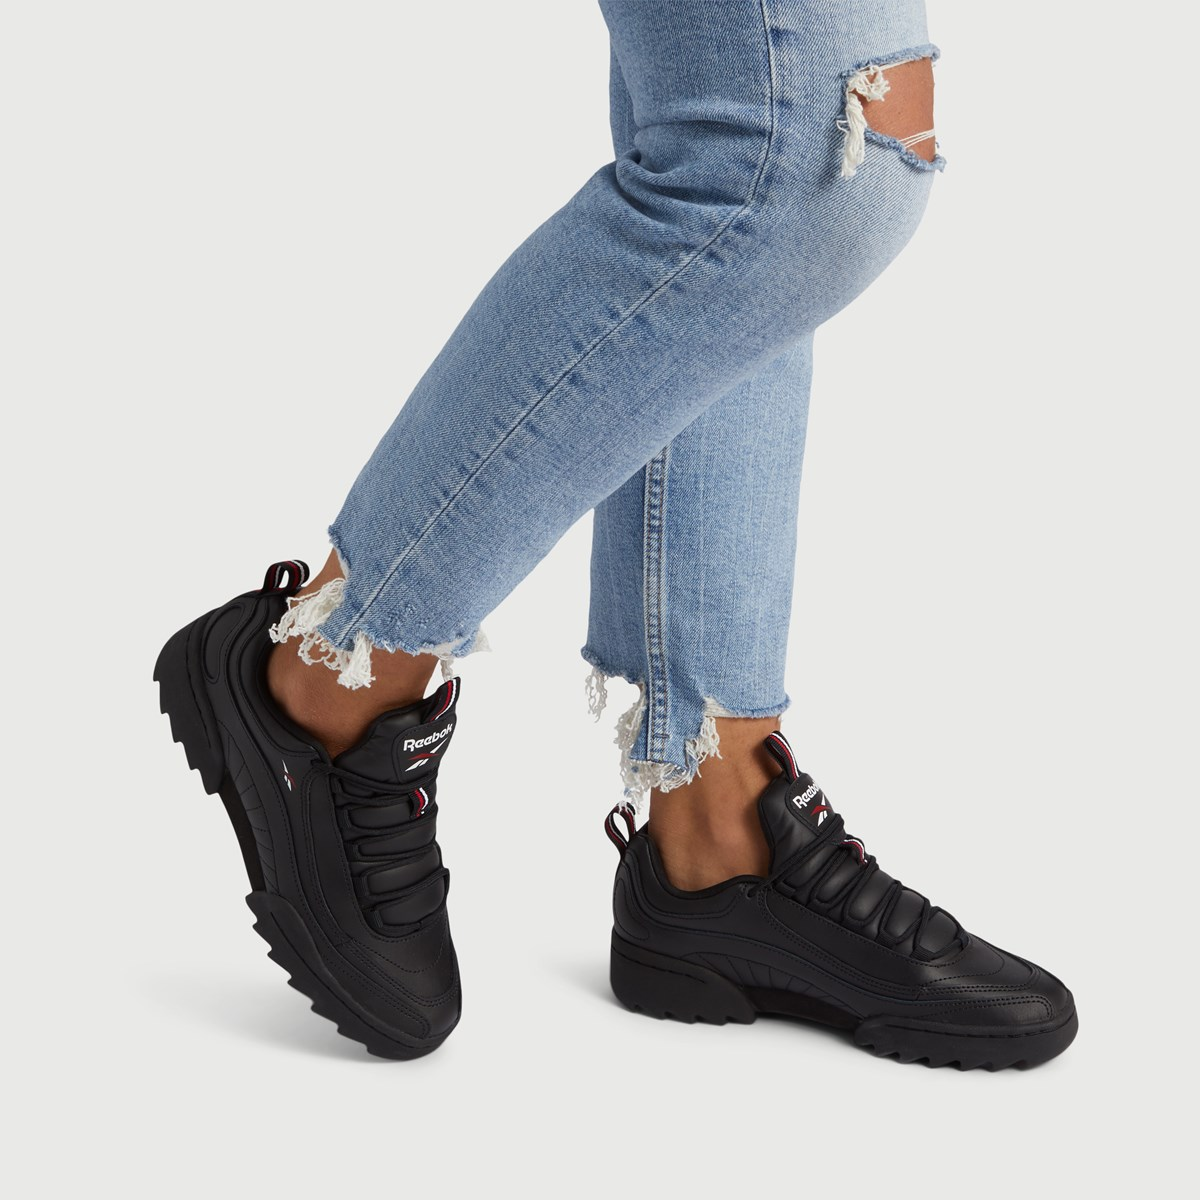 Women's Rivyx Ripple Sneakers in Black